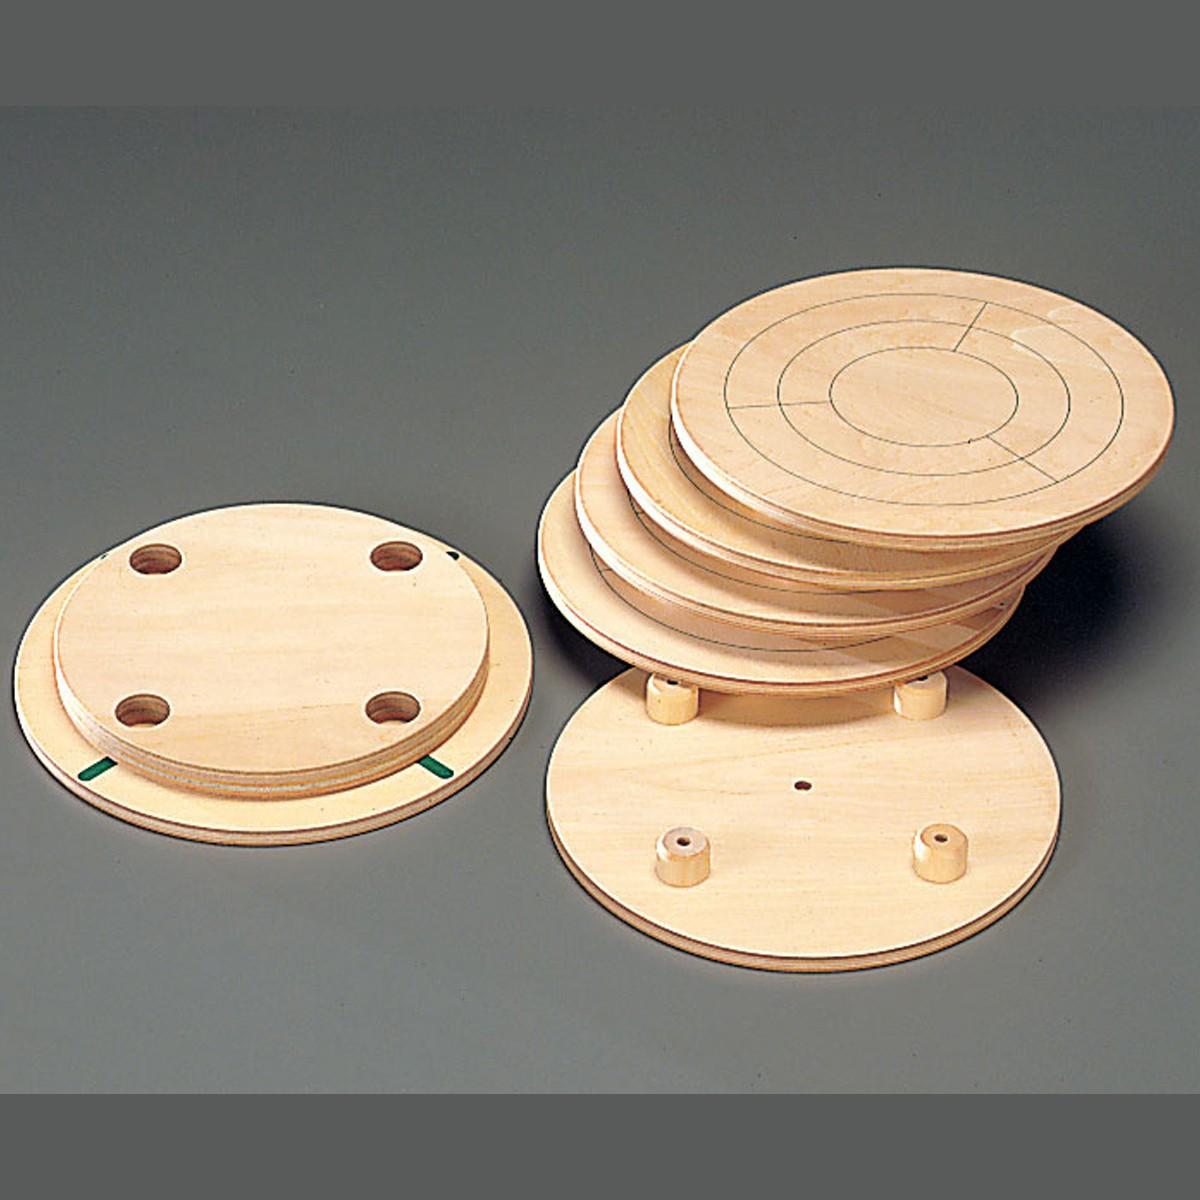 芯出し板 上板 下板セット 300mmφターンテーブル用 【 陶芸 ろくろ かめ板 】